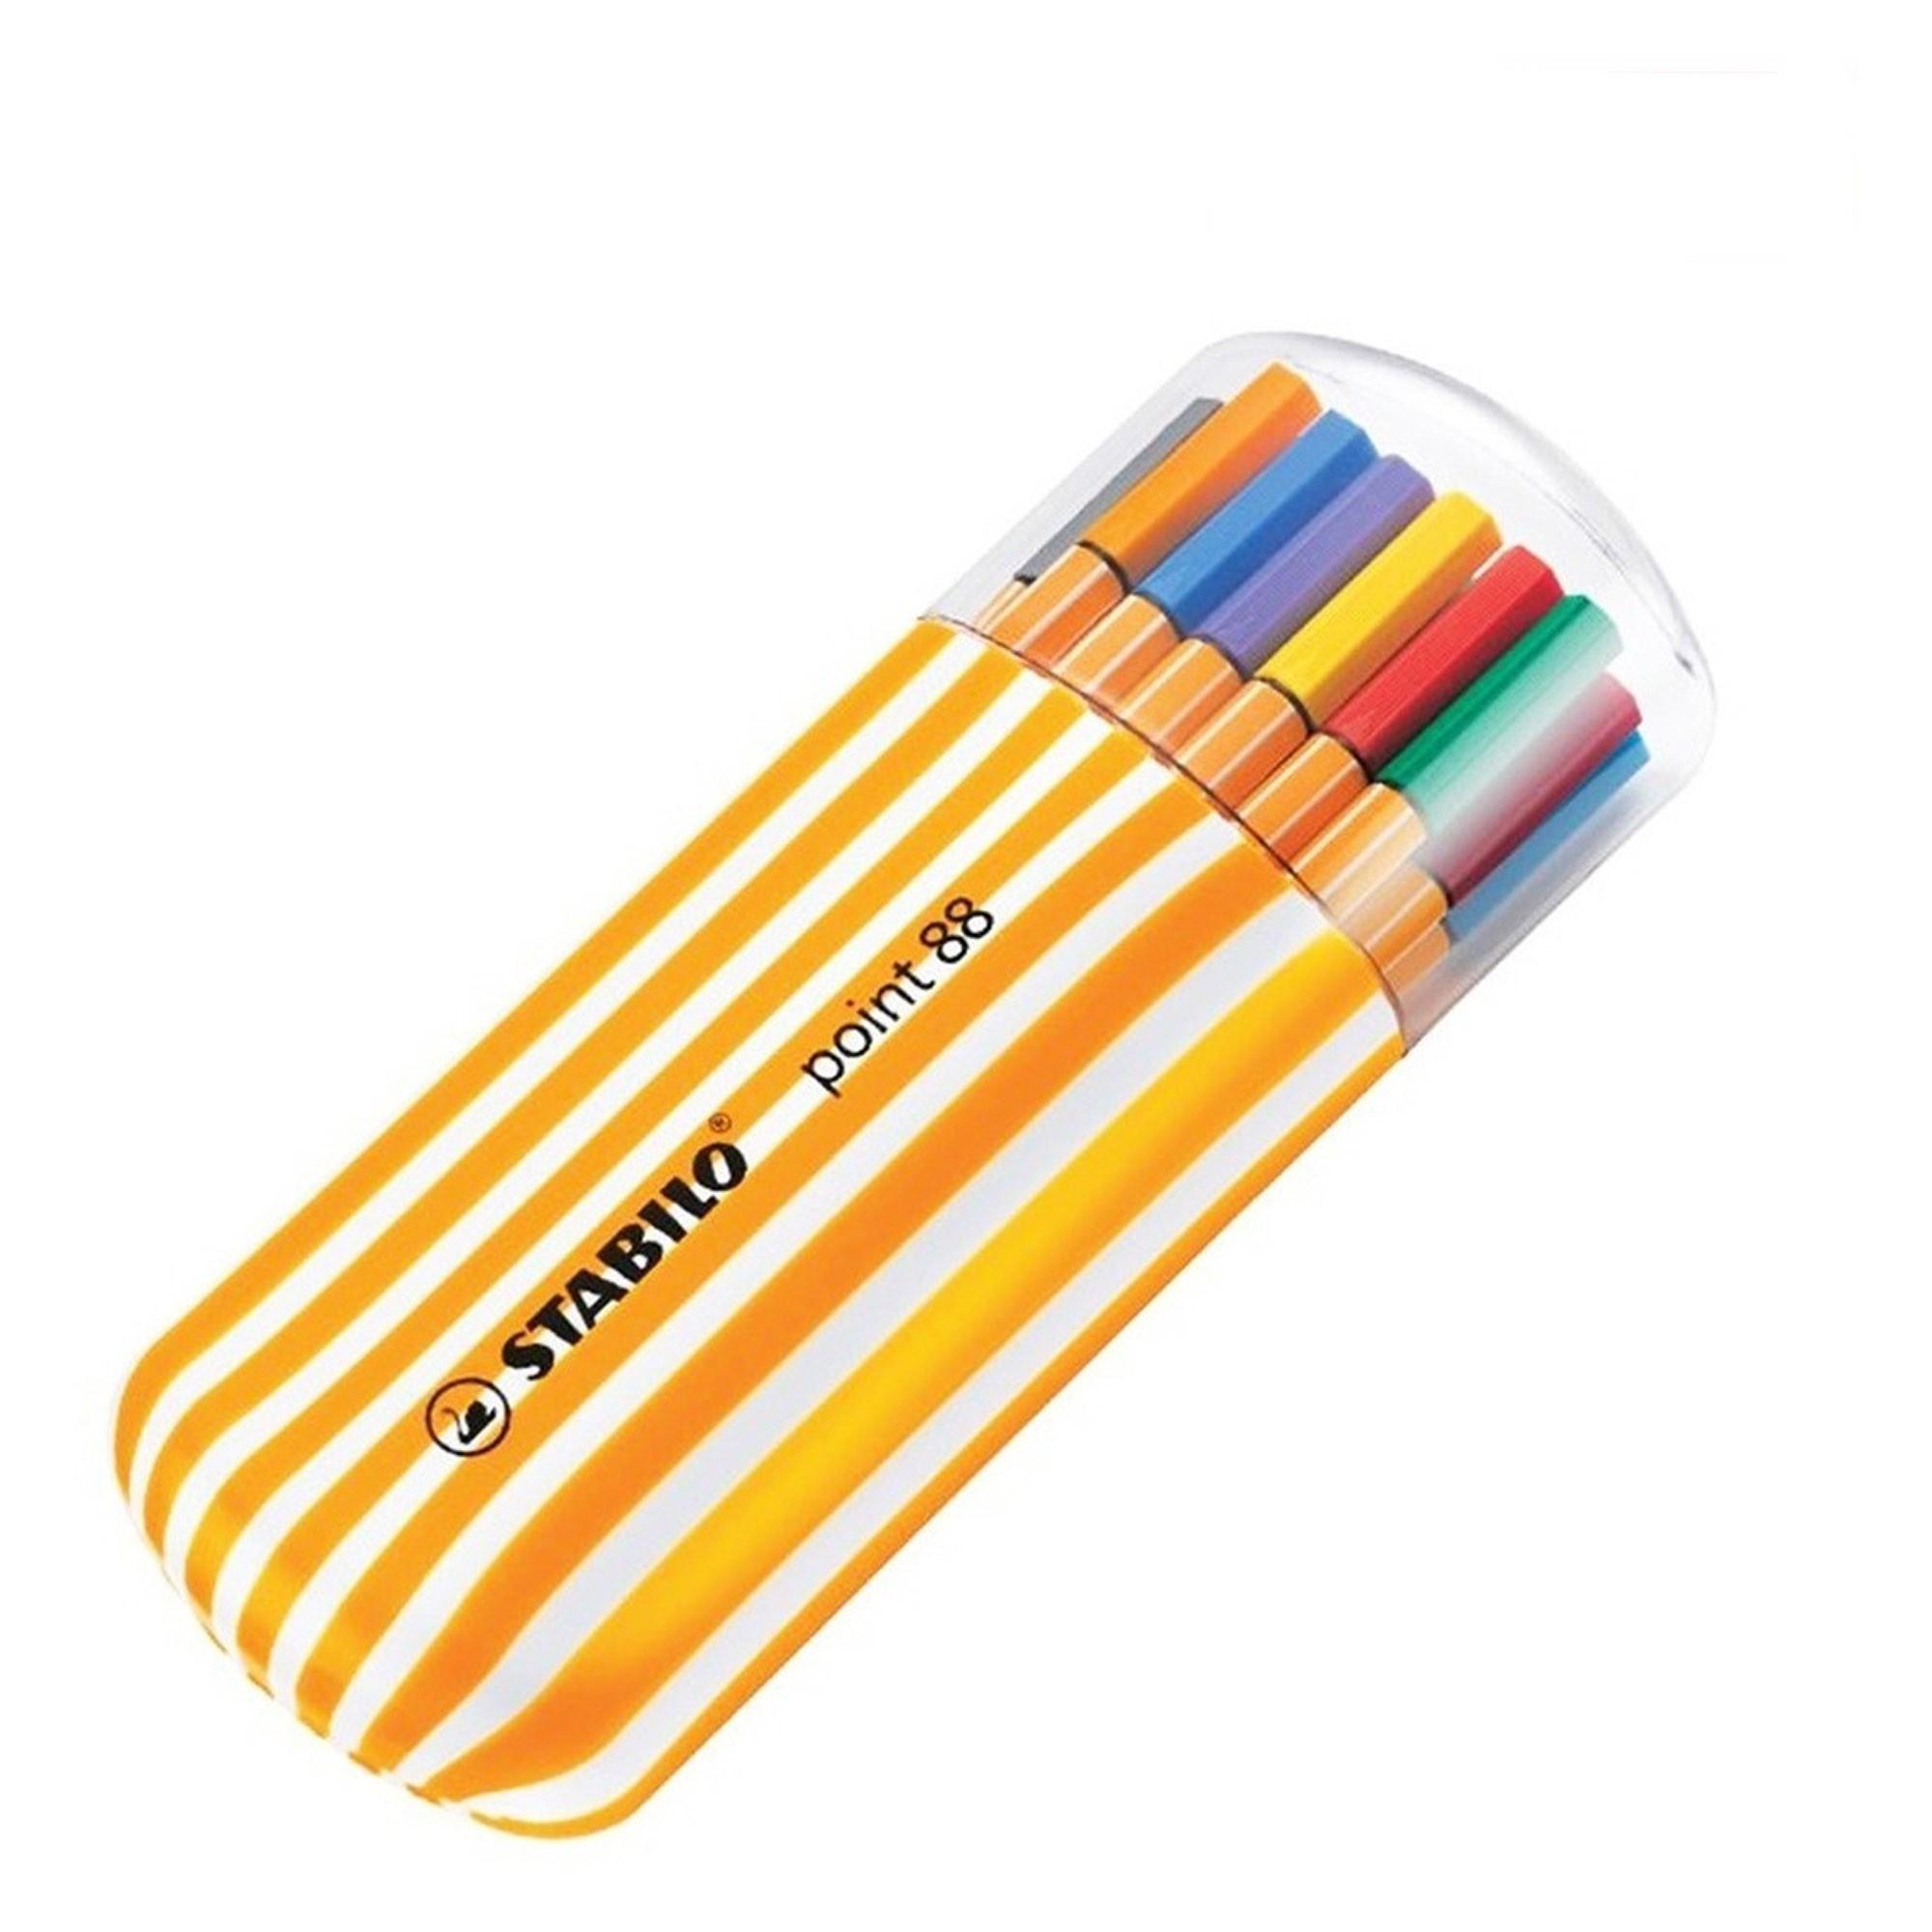 Caneta Extrafina, Stabilo, Point 8820, Estojo com 20 cores, Neon